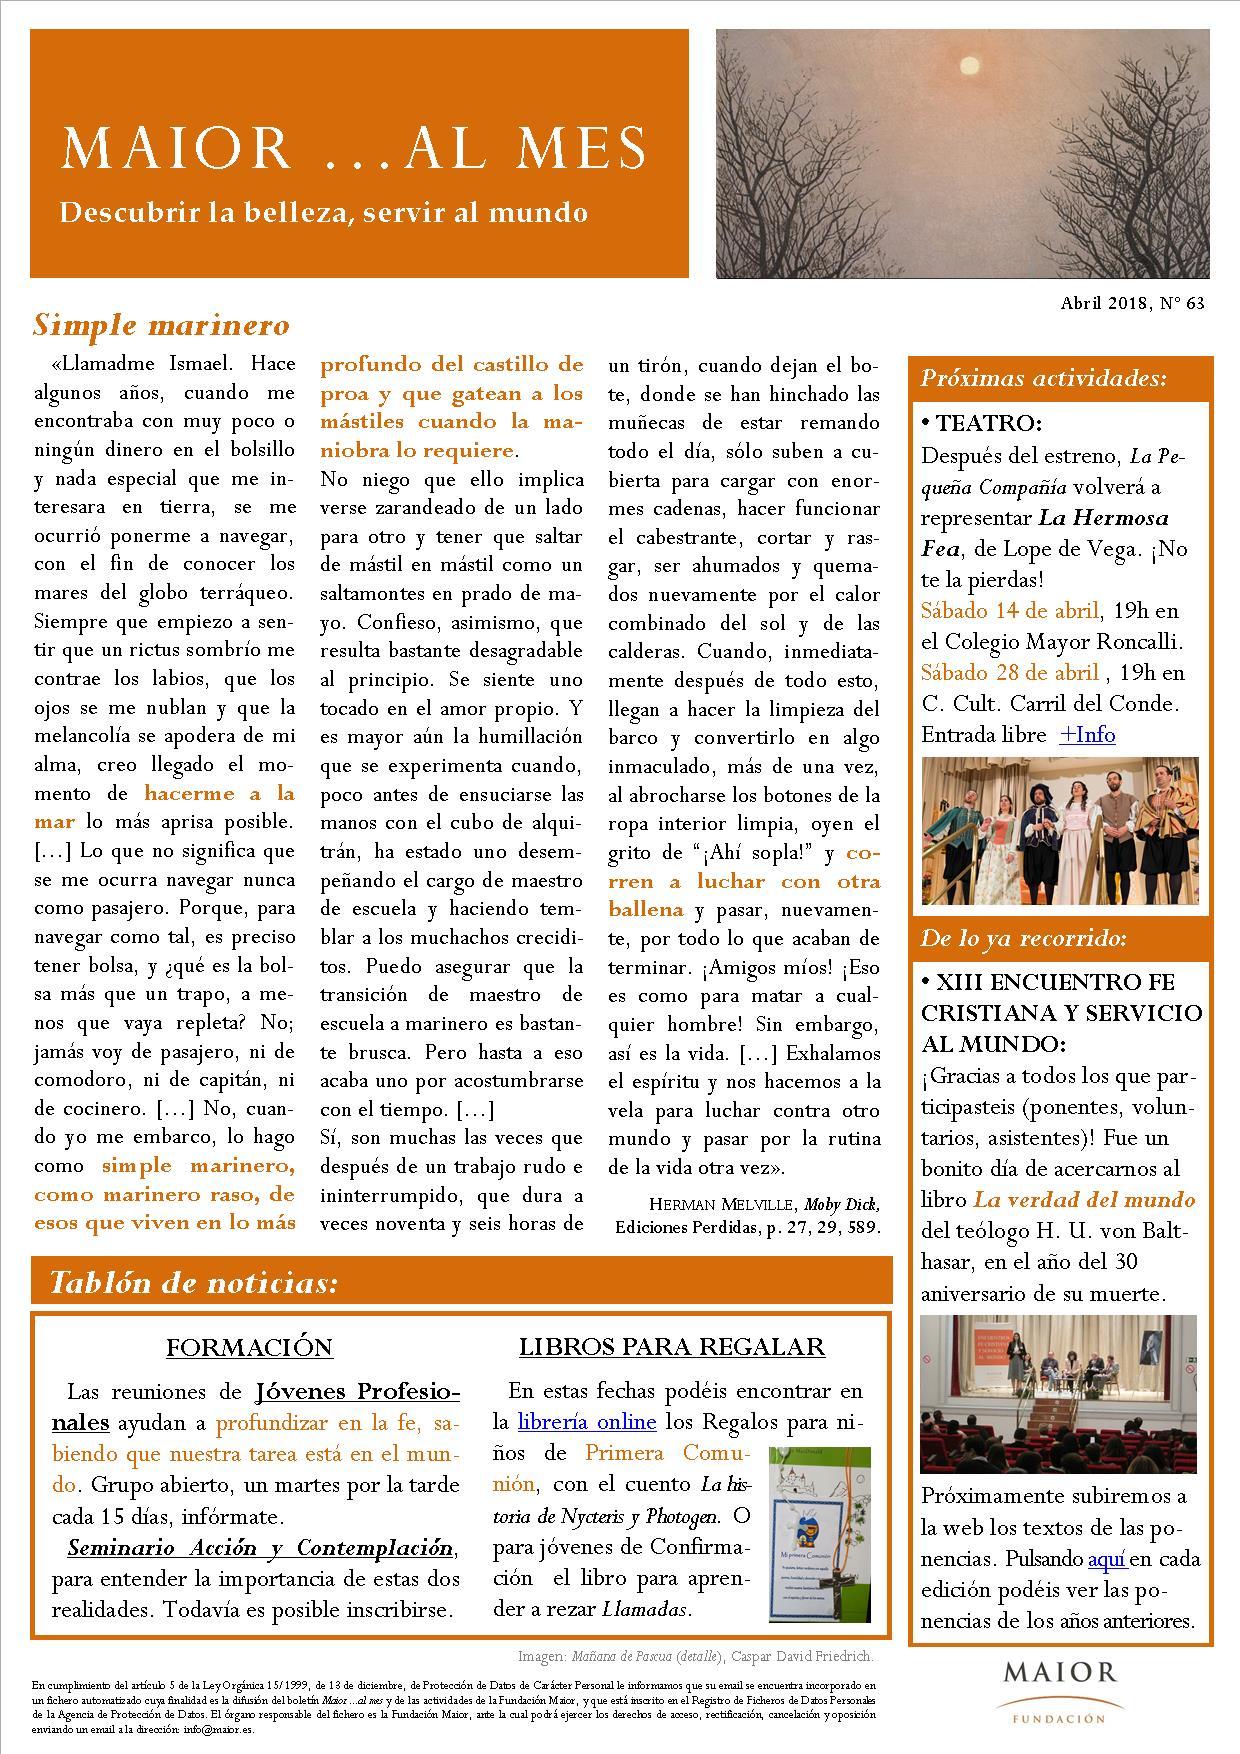 Boletín mensual de noticias y actividades de la Fundación Maior. Edición de abril 2018